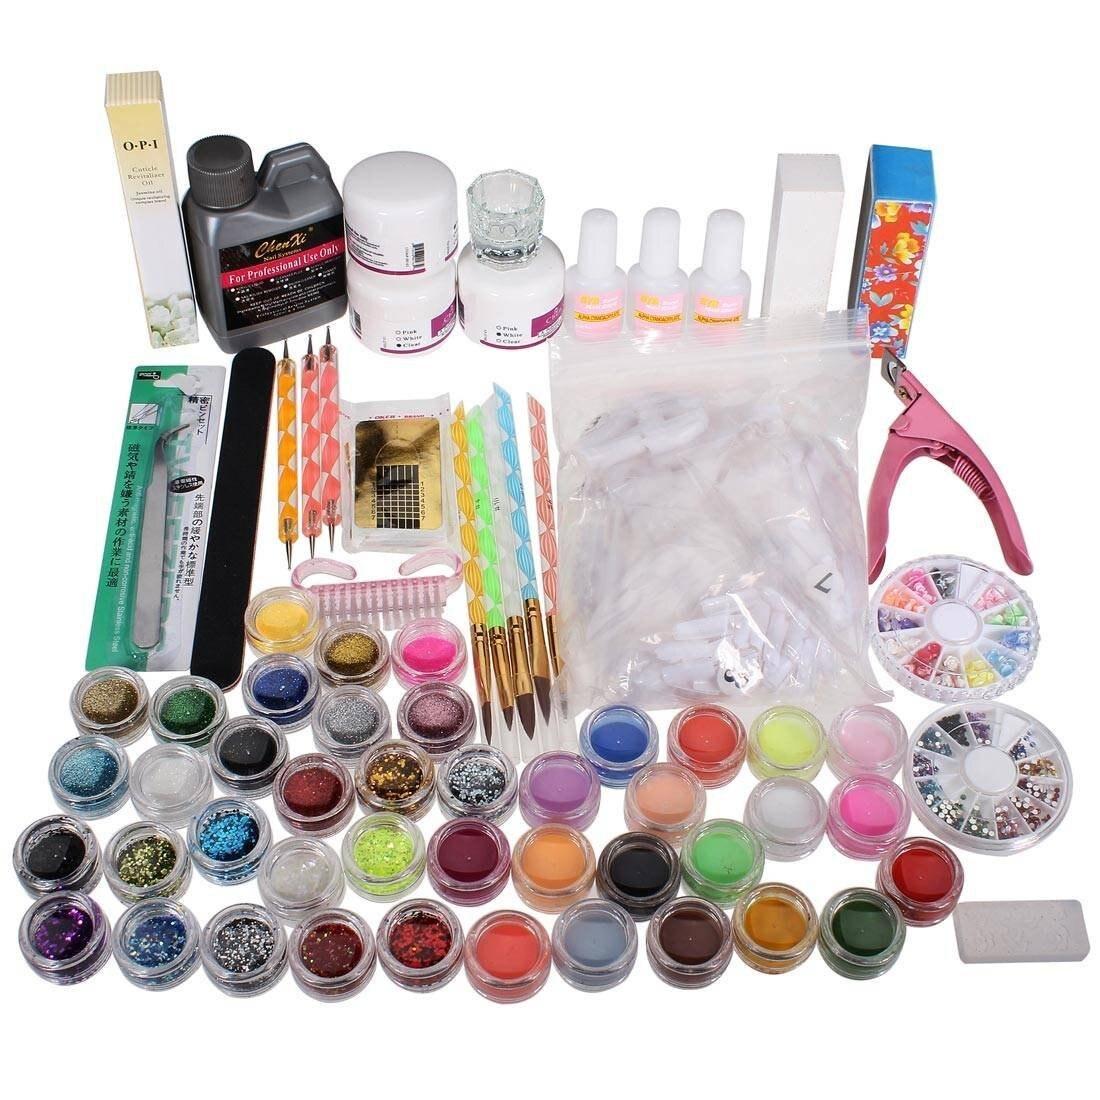 Nail art kits Nail Care Nail Design Nail Acrylic Powder Brush Glitter Tip Tools